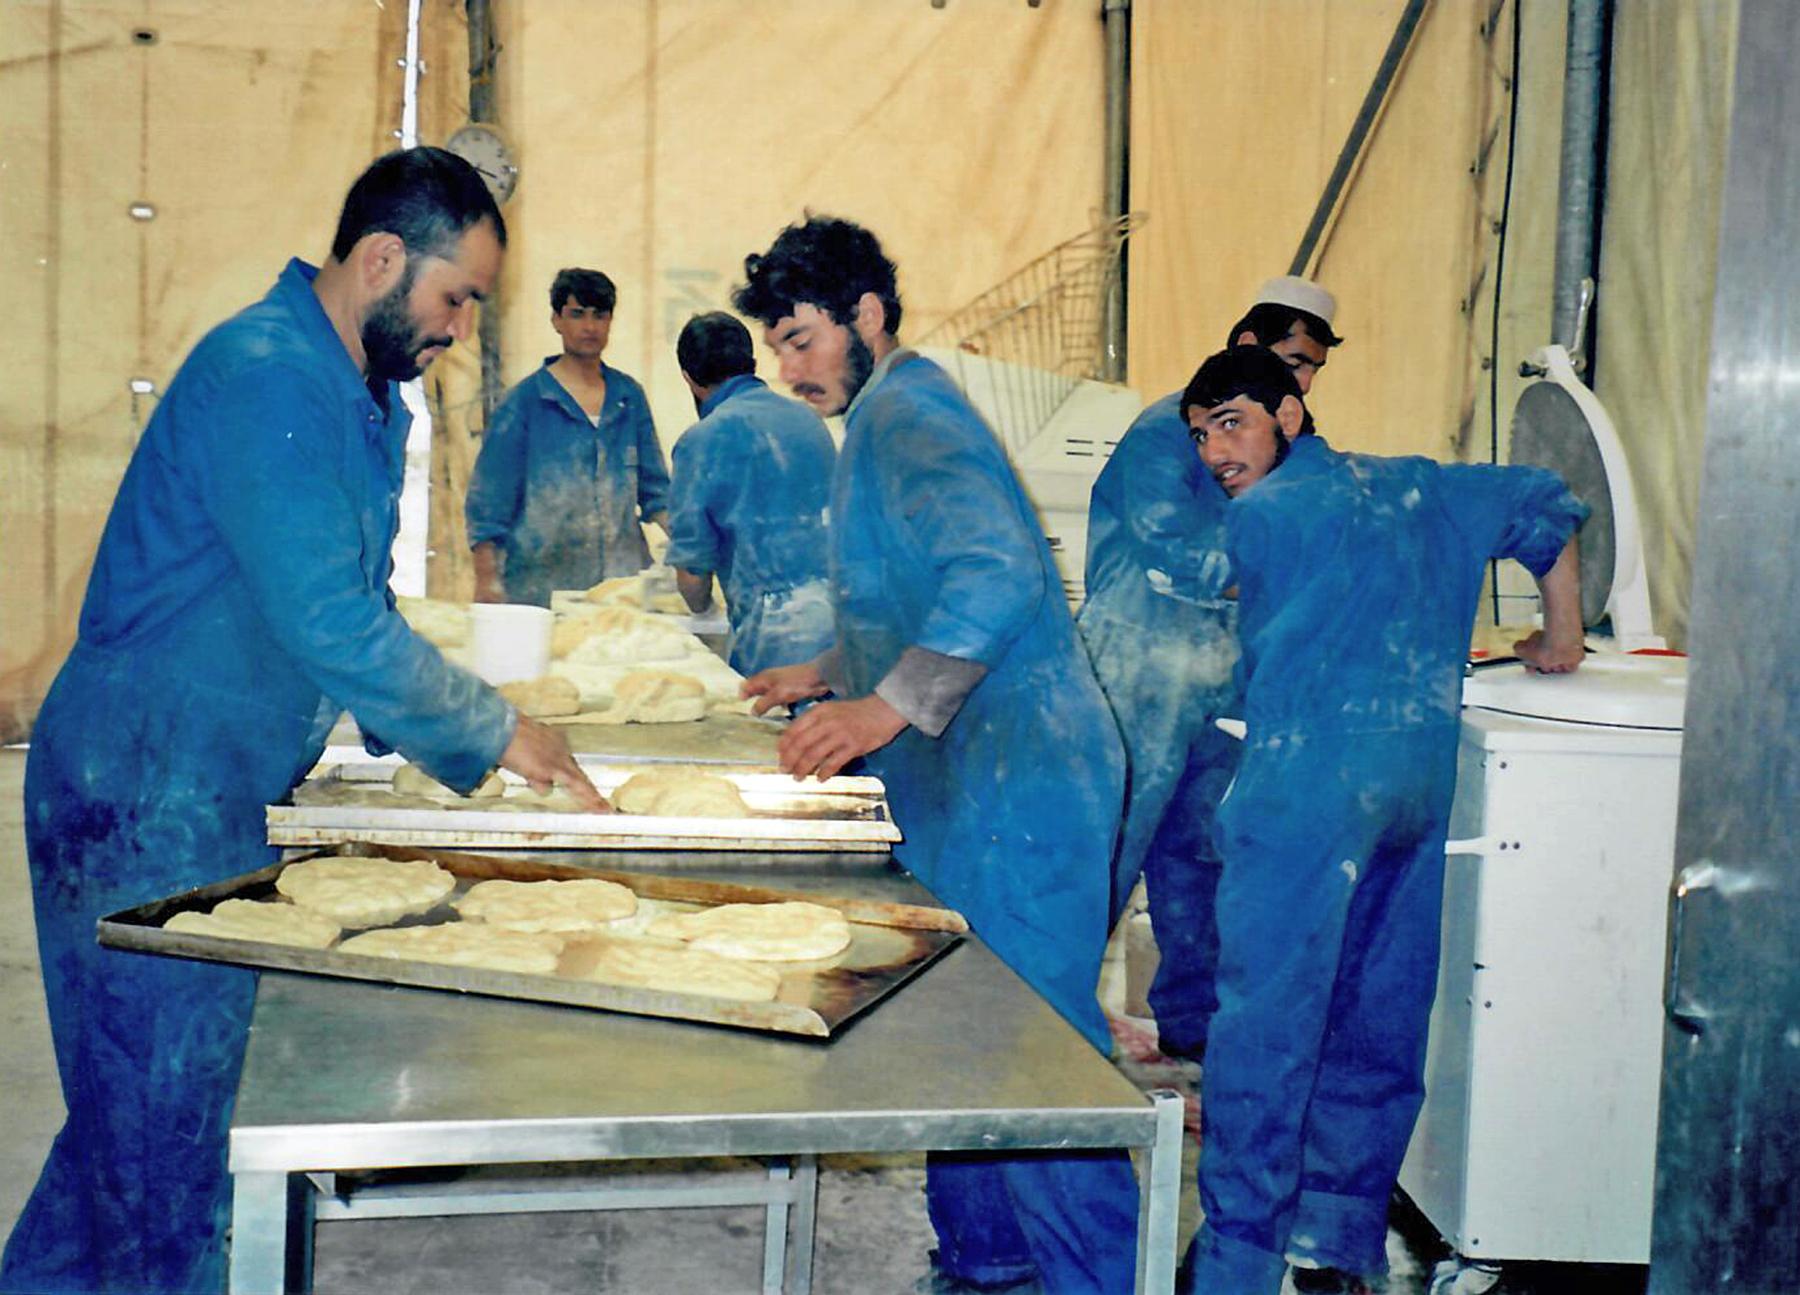 Bakery in Herat IDP Camp, Afghanistan (2002)